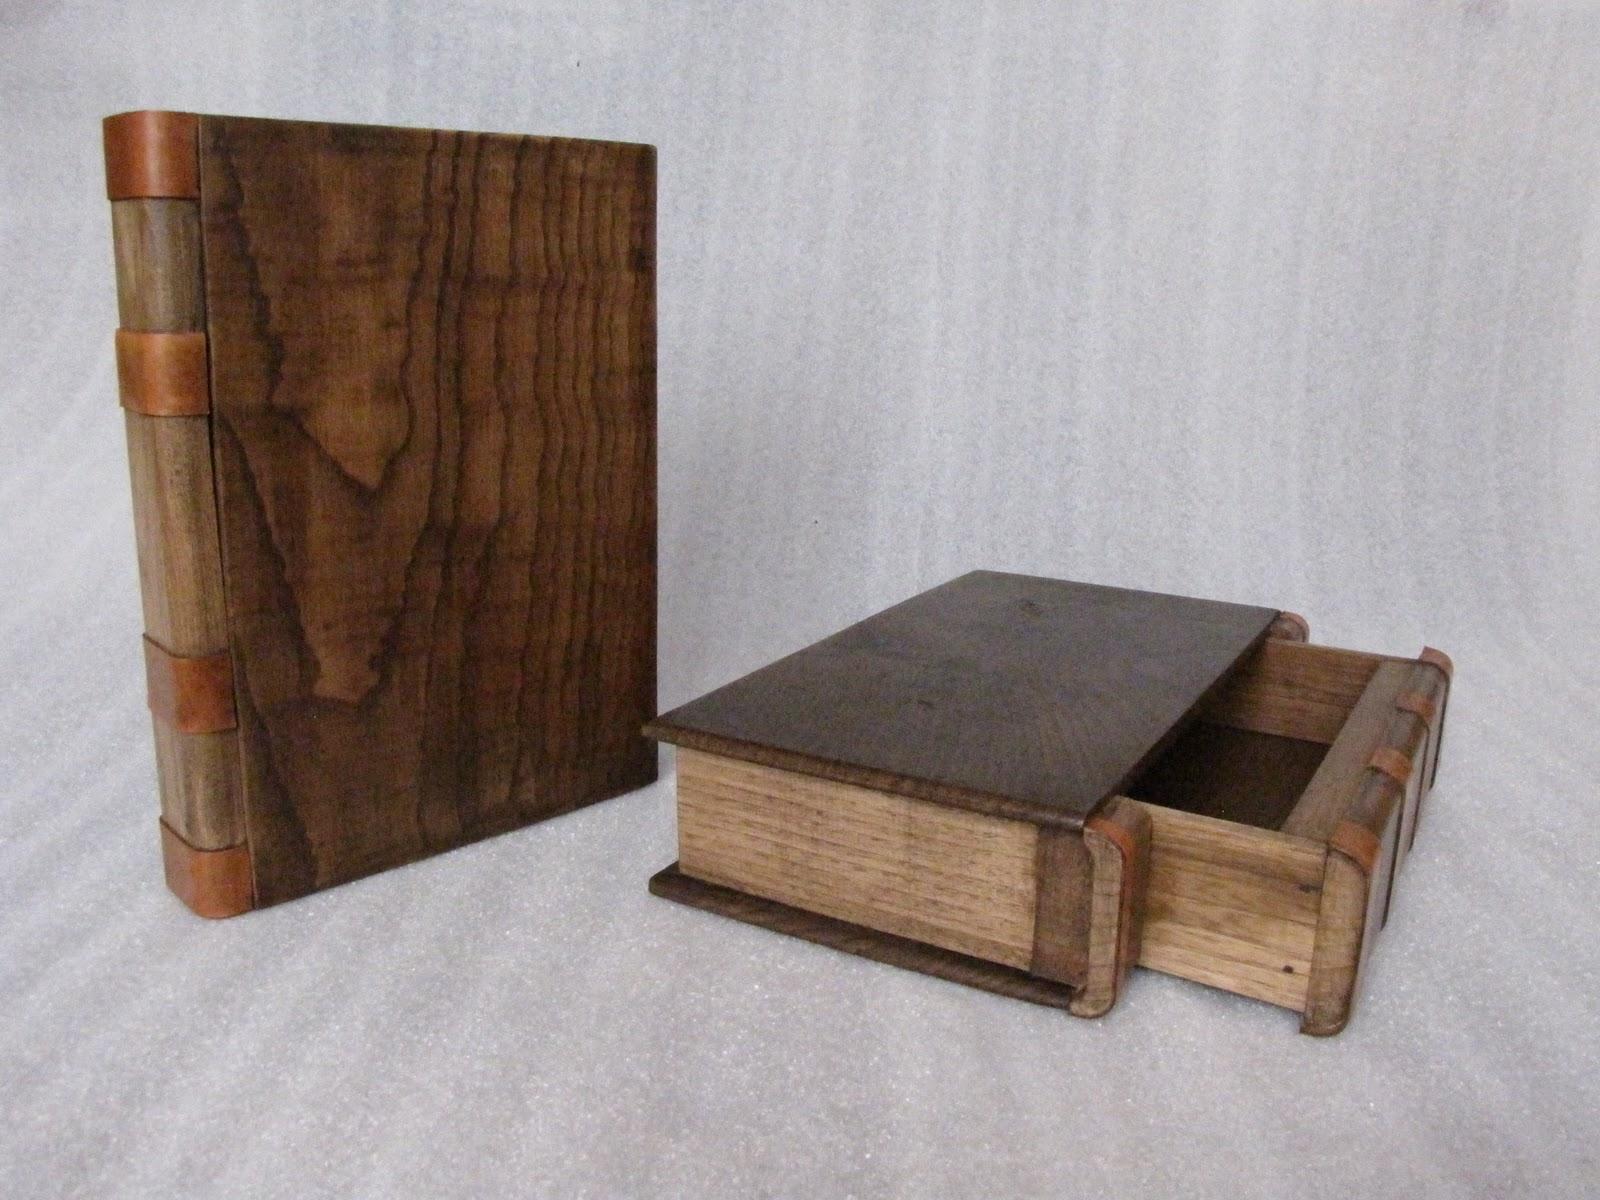 Muebles de madera restaurada libros de madera for Libros de muebles de madera